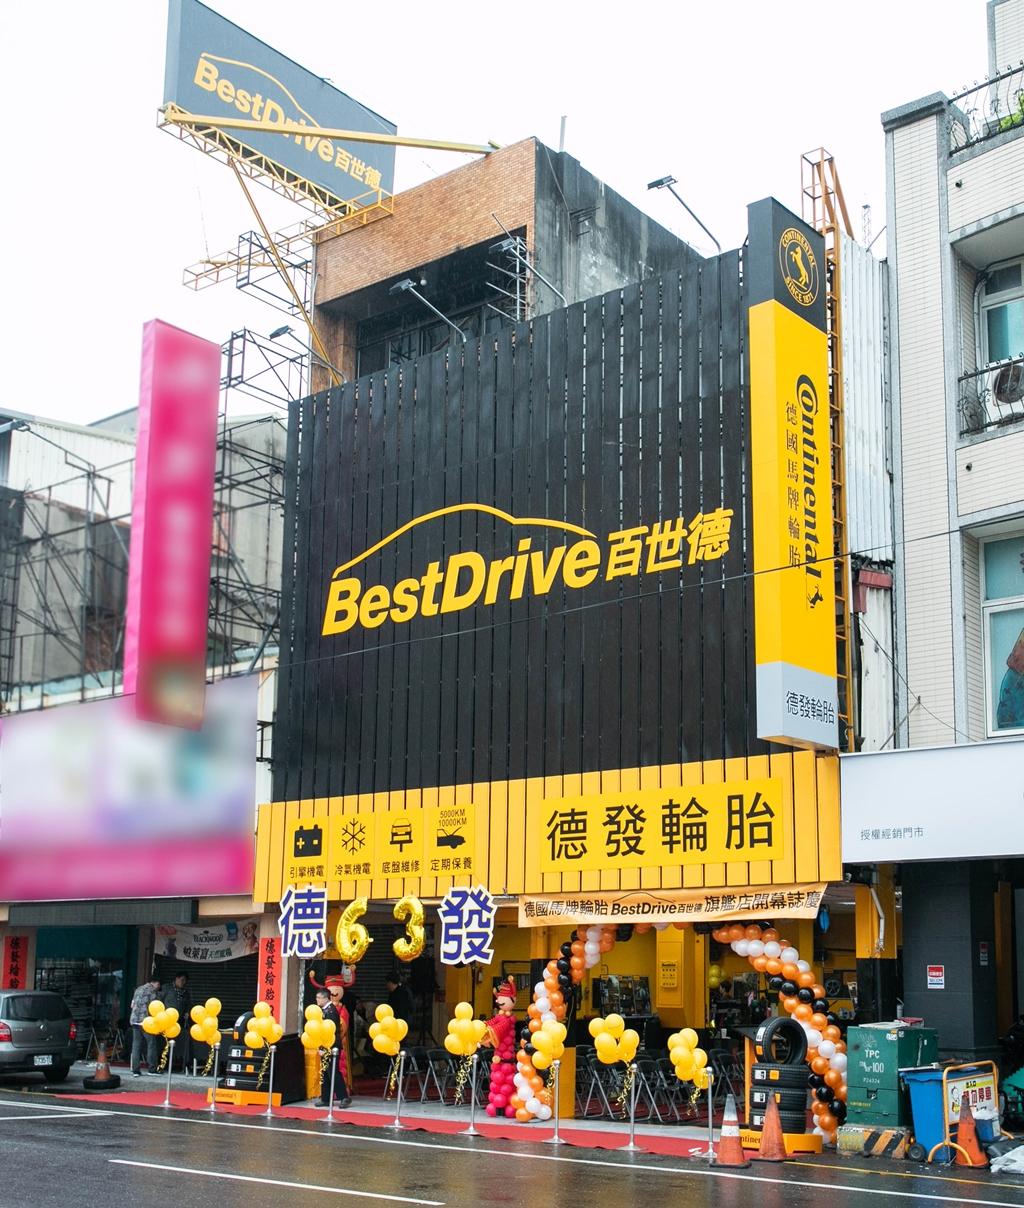 63年優質老店加入德國馬牌BestDrive百世德行列, 彰化德發輪胎BestDrive百世德旗艦店嶄新亮相